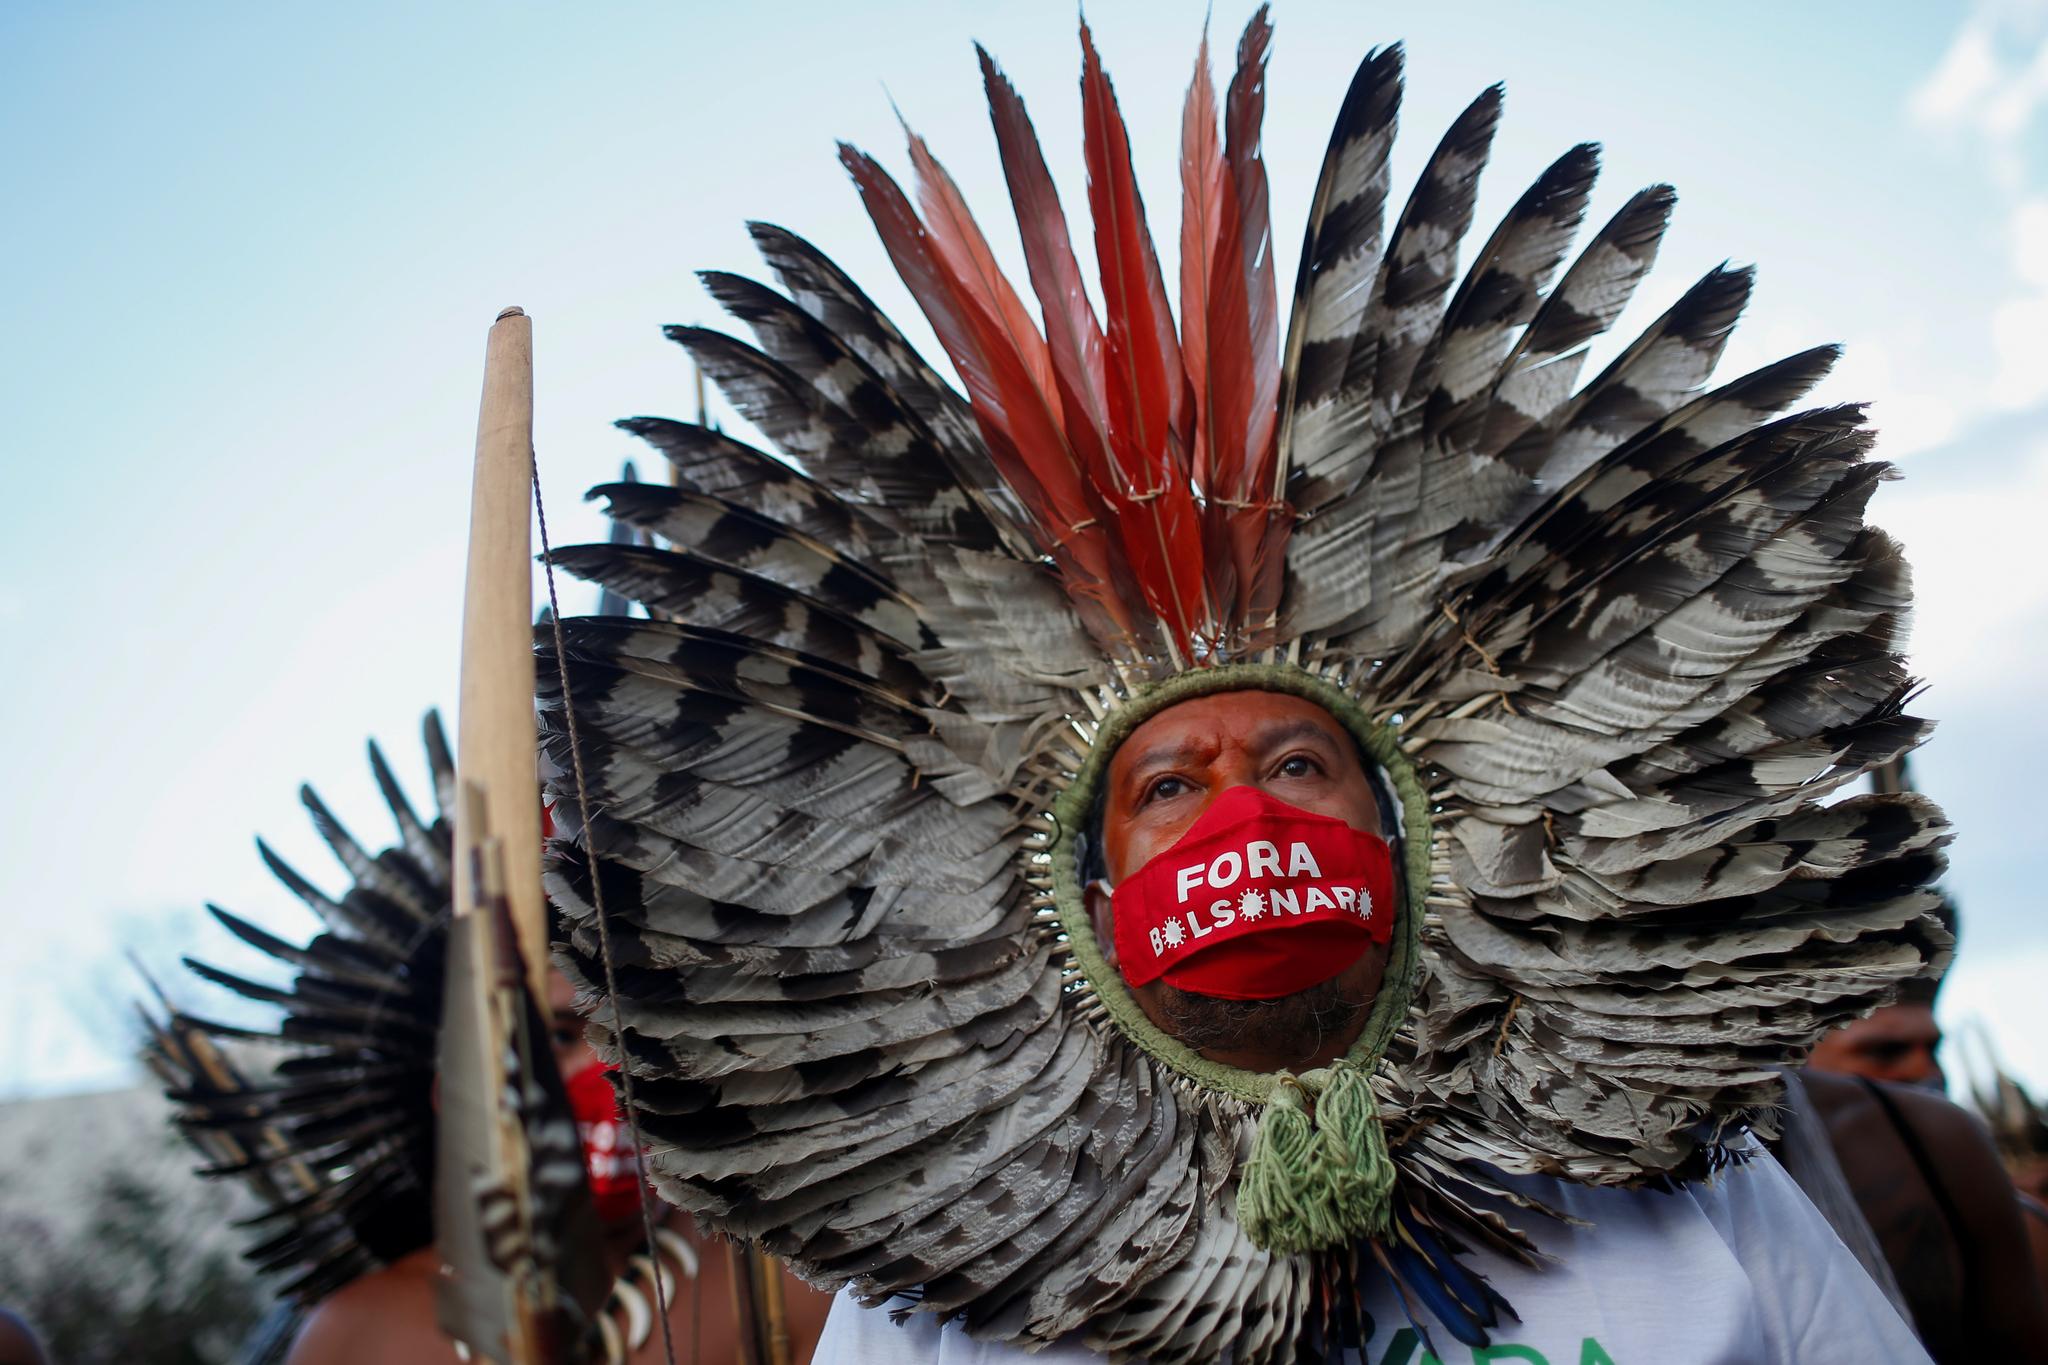 브라질 원주민들이 13일 코파 아메리카 개막전이 열리는 브라질리아 마네 가힌샤 스타디움 밖에서 '보우소나루 퇴진' 글씨가 새겨진 마스크를 쓰고 시위를 벌이고 있다. 이들은 코로나 19의 대유행 속에서 축구대회를 여는 것을 반대하고 있다. 로이터=연합뉴스